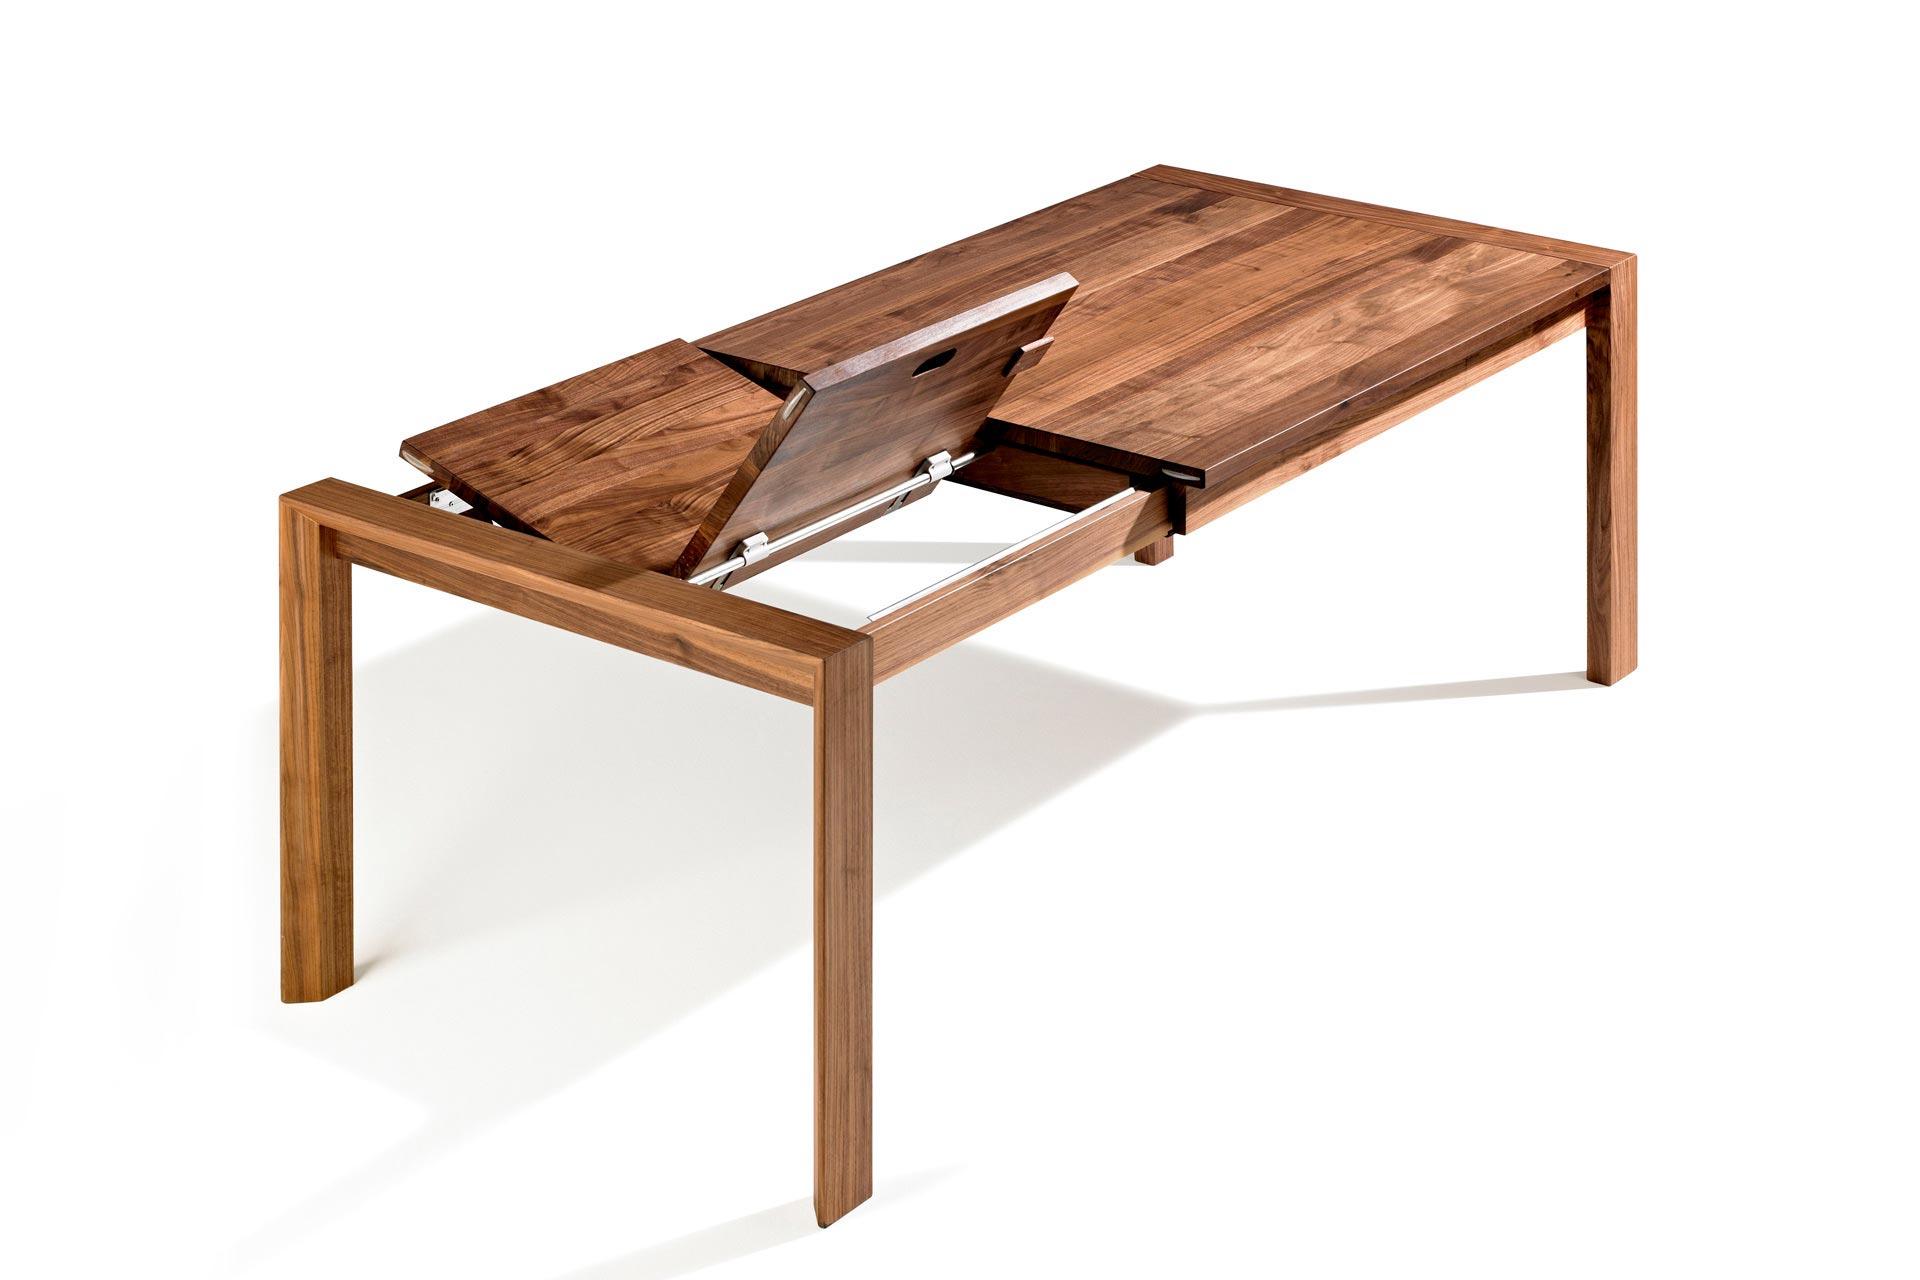 Esstisch nussbaum ausziehbar  Esstisch ausziehbar - hochwertige Esstische direkt vom Hersteller